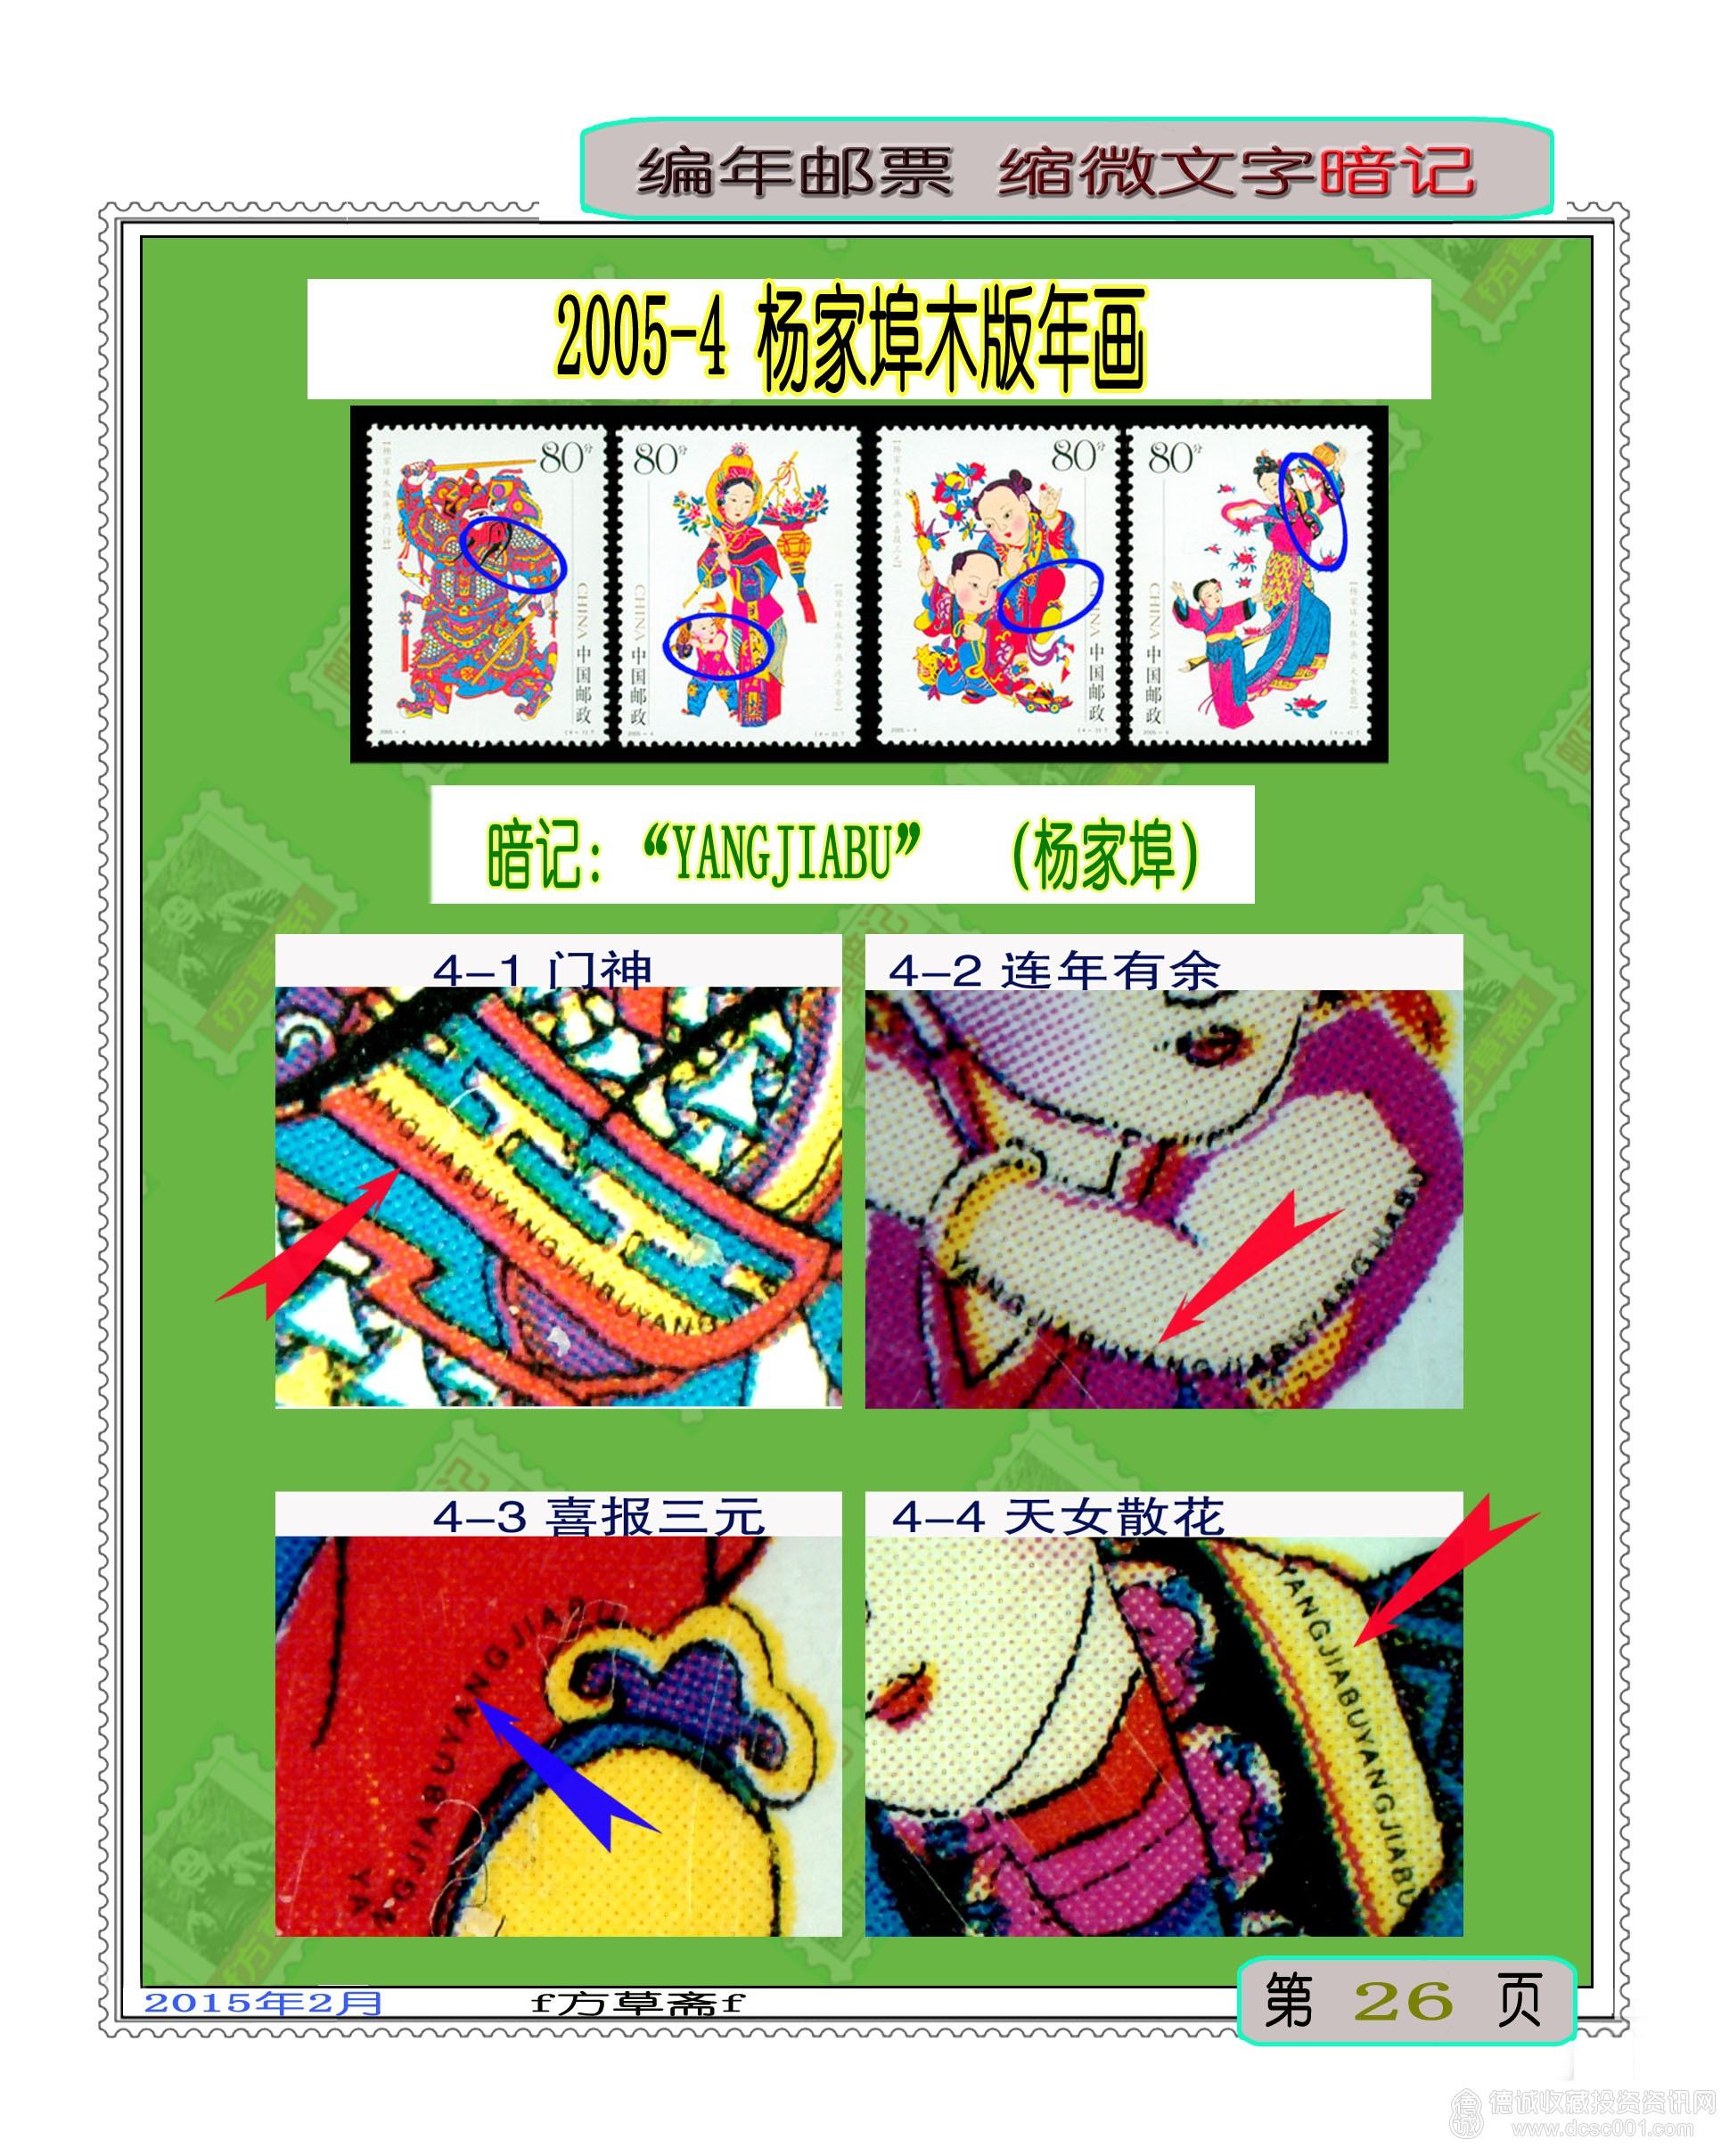 2005-4 杨家埠木版年画.jpg